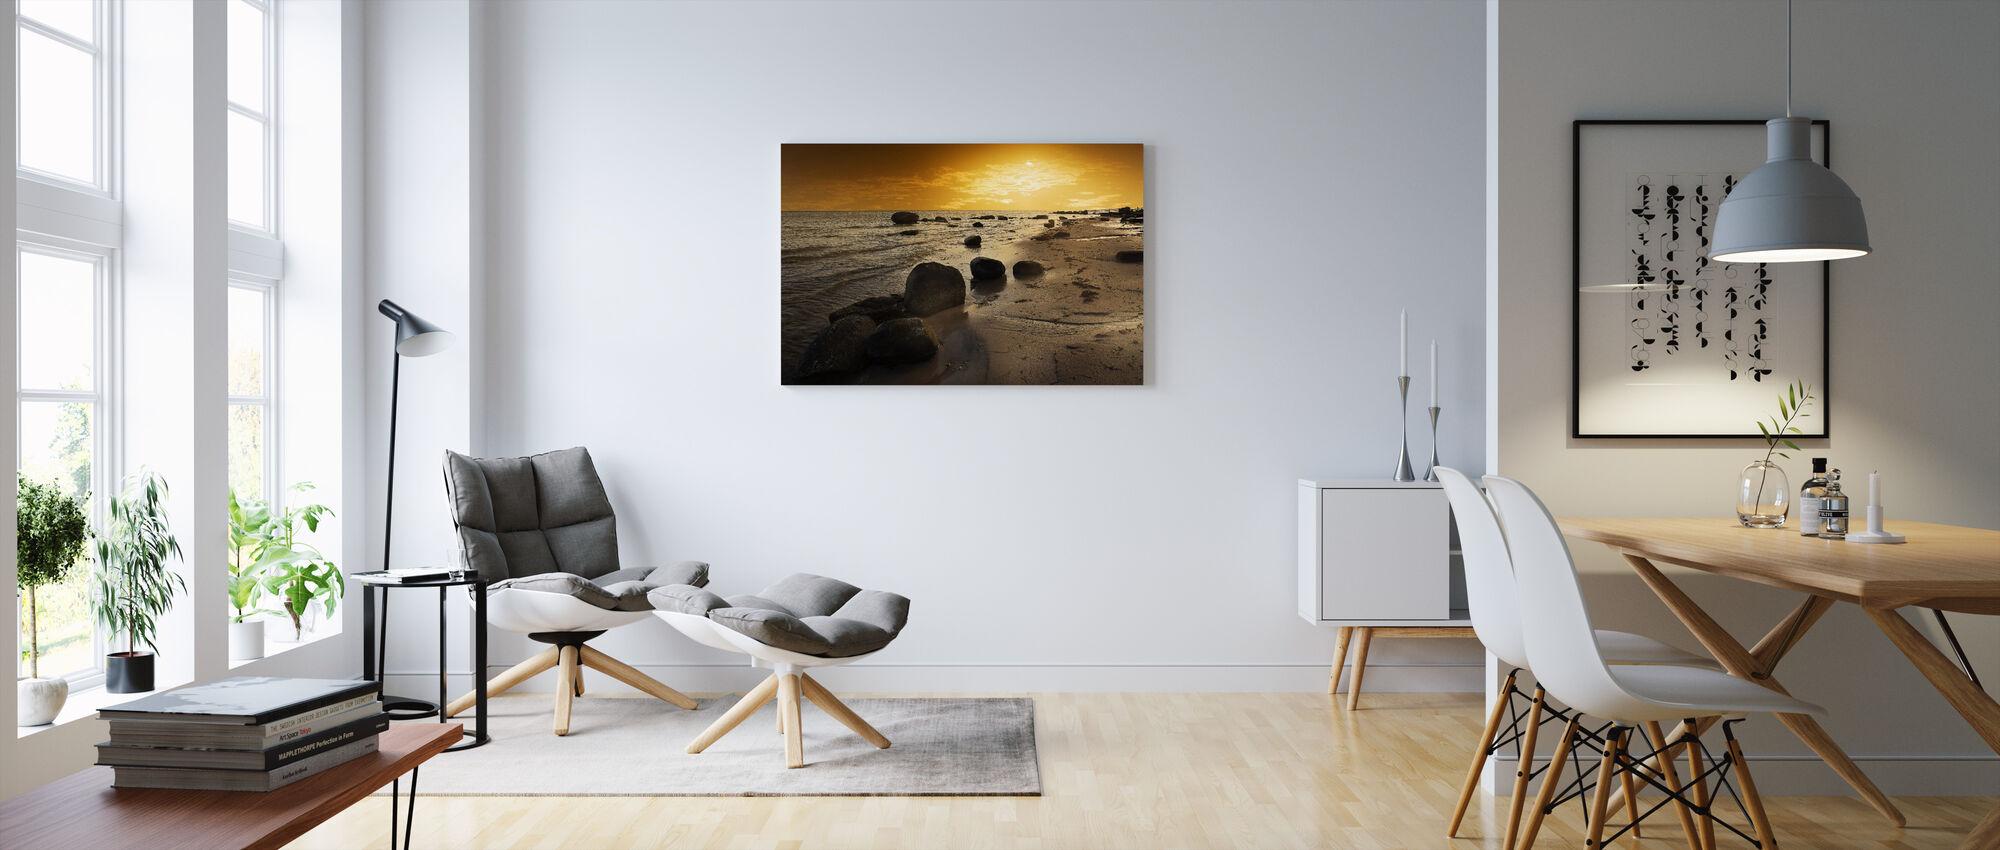 Golden Beach Sunset - Canvas print - Living Room